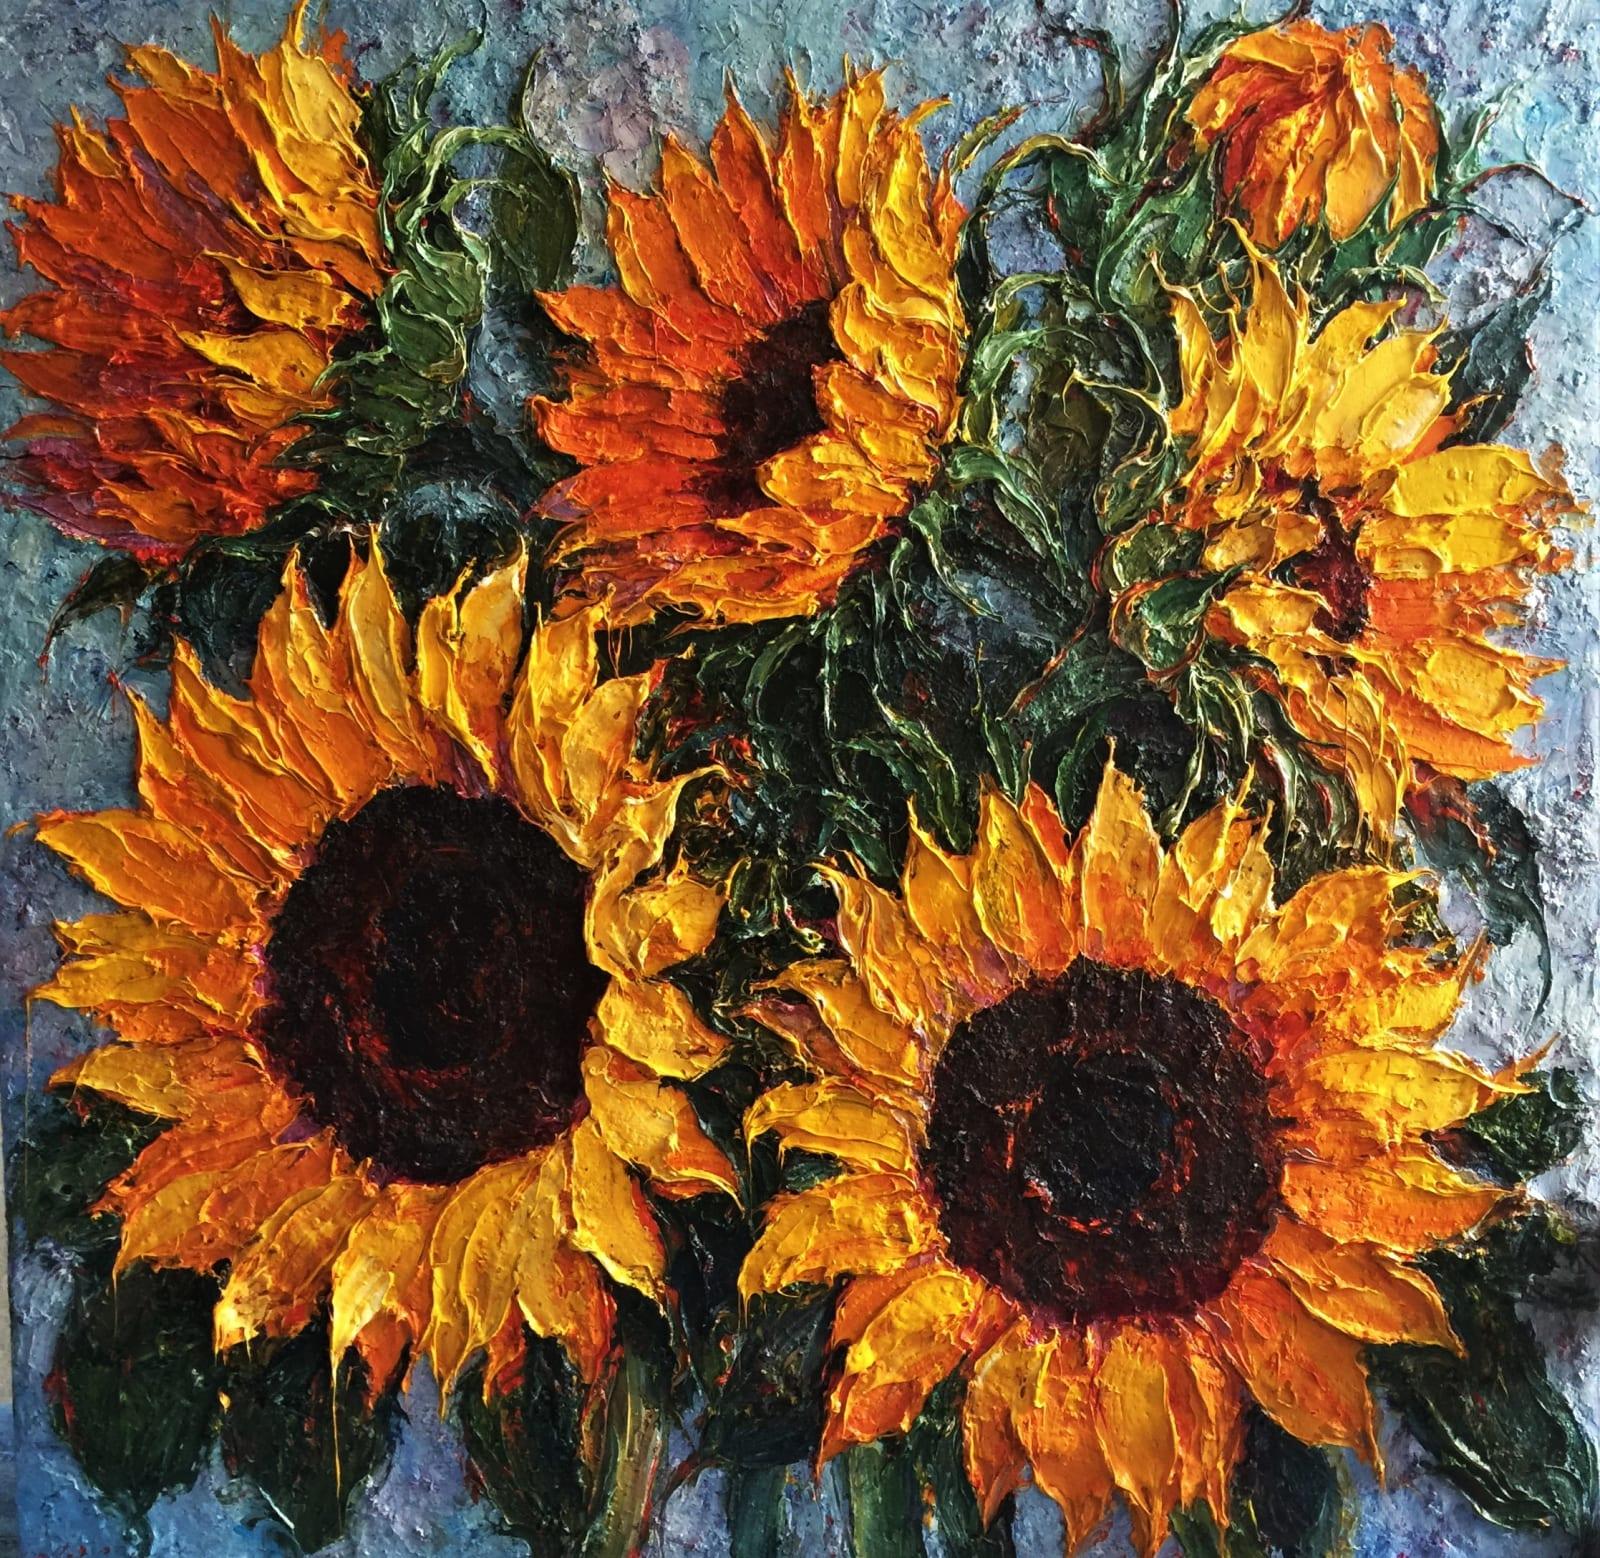 Lana Okiro, Sunflowers